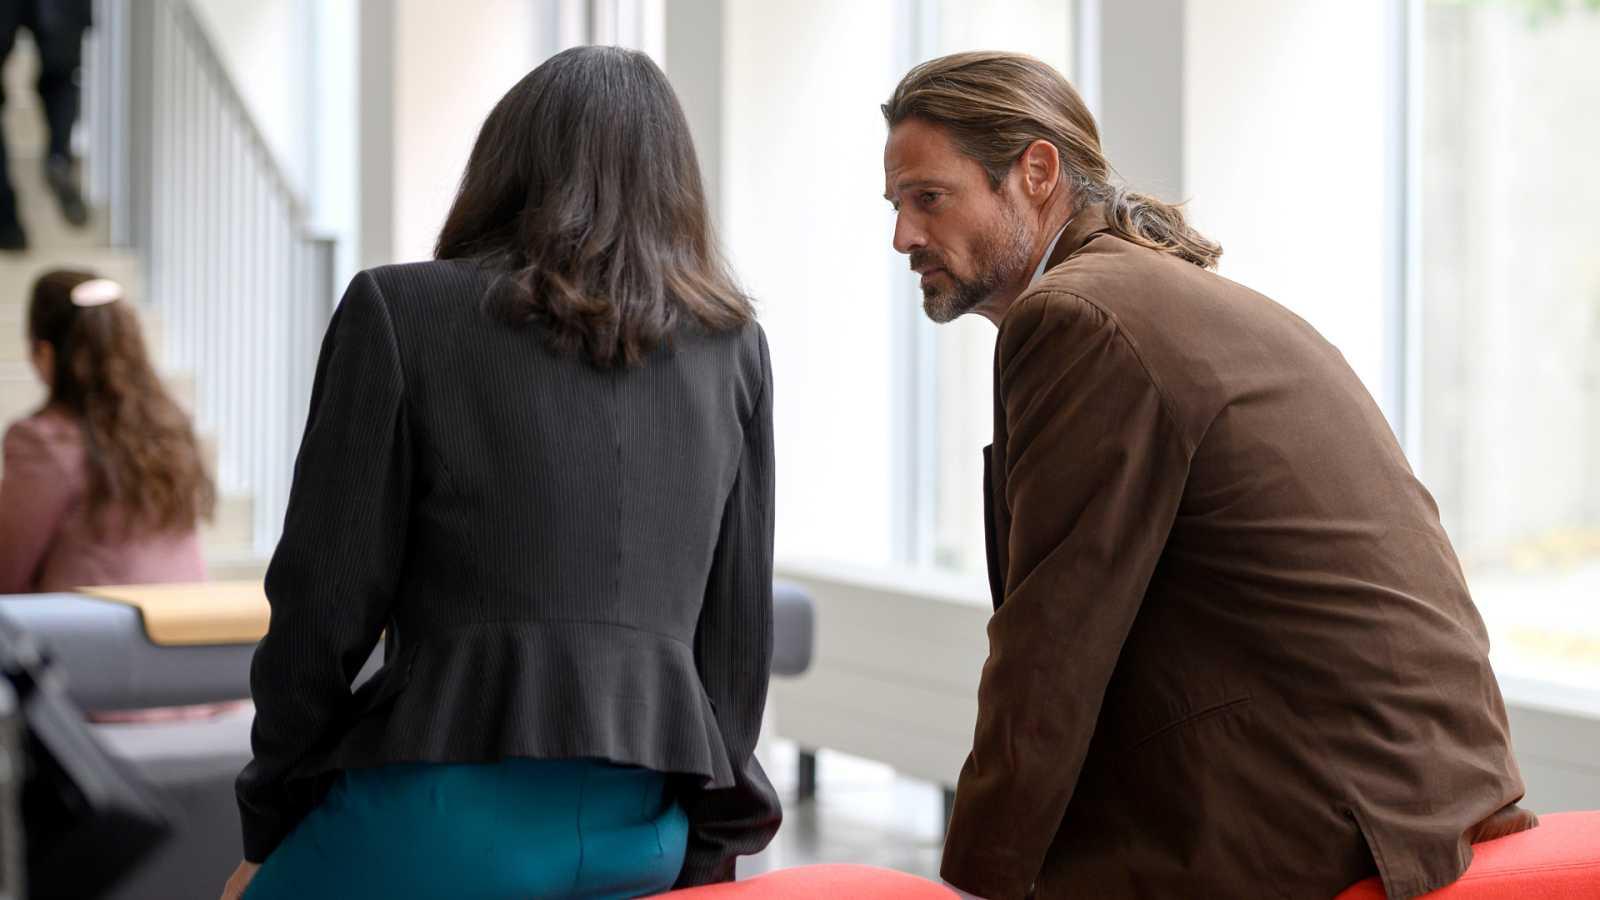 Mike le cuenta a Inés que tiene sida